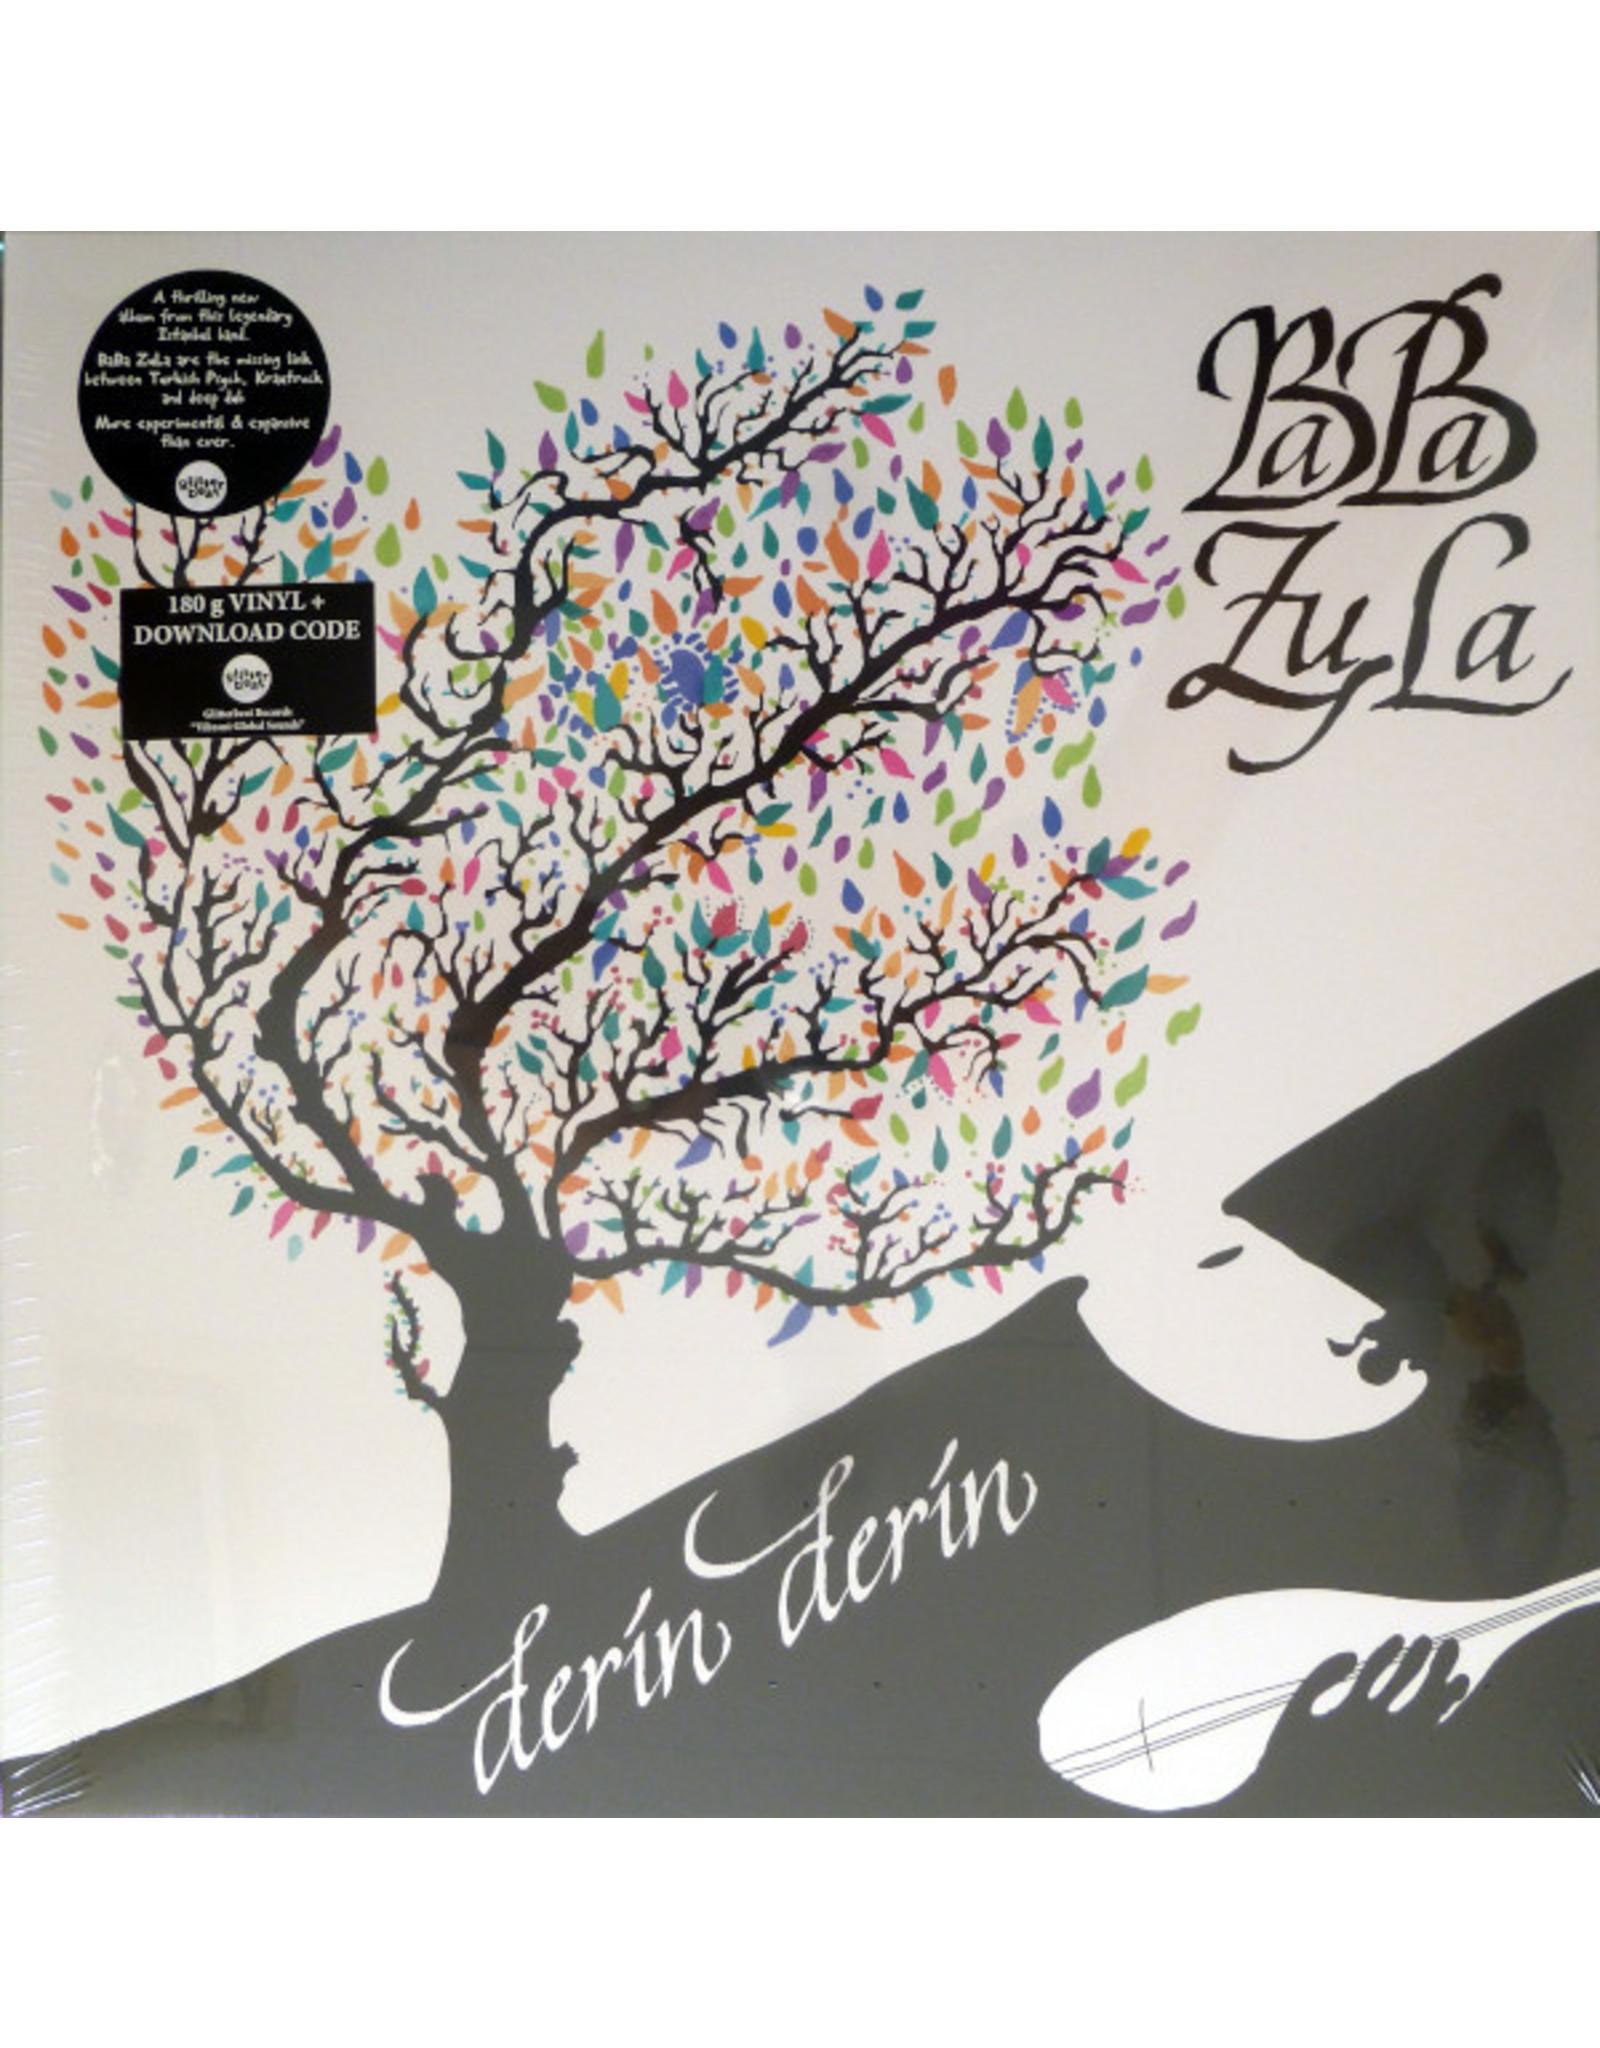 New Vinyl Baba Zula - Derin Derin LP